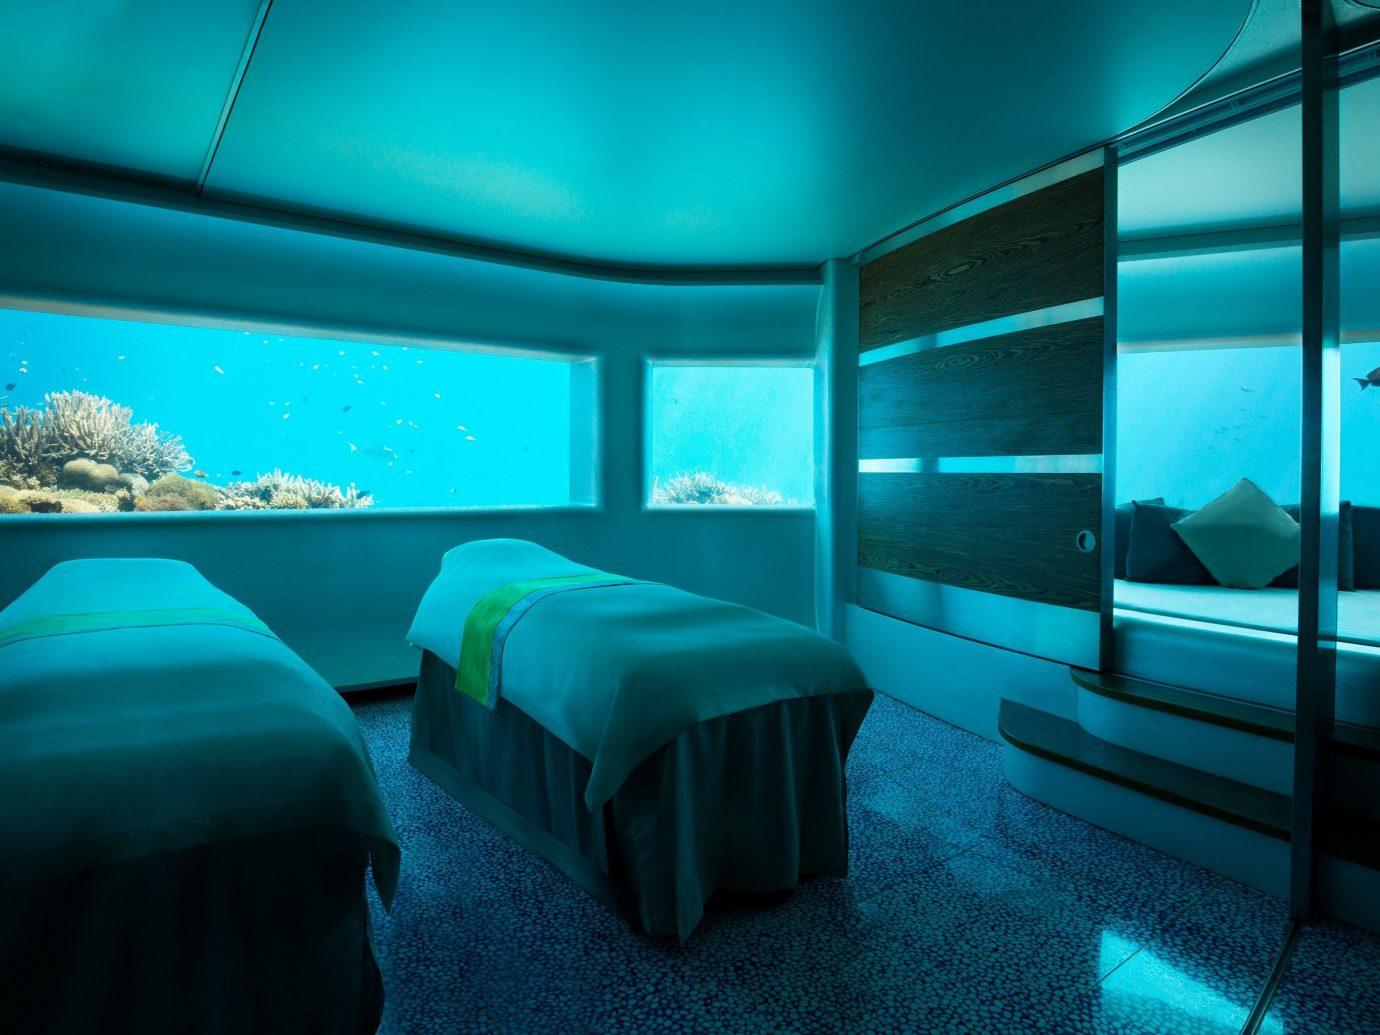 Scuba Diving + Snorkeling Trip Ideas indoor bed window blue room light screenshot lighting interior design underwater computer wallpaper Design scenographer Bedroom